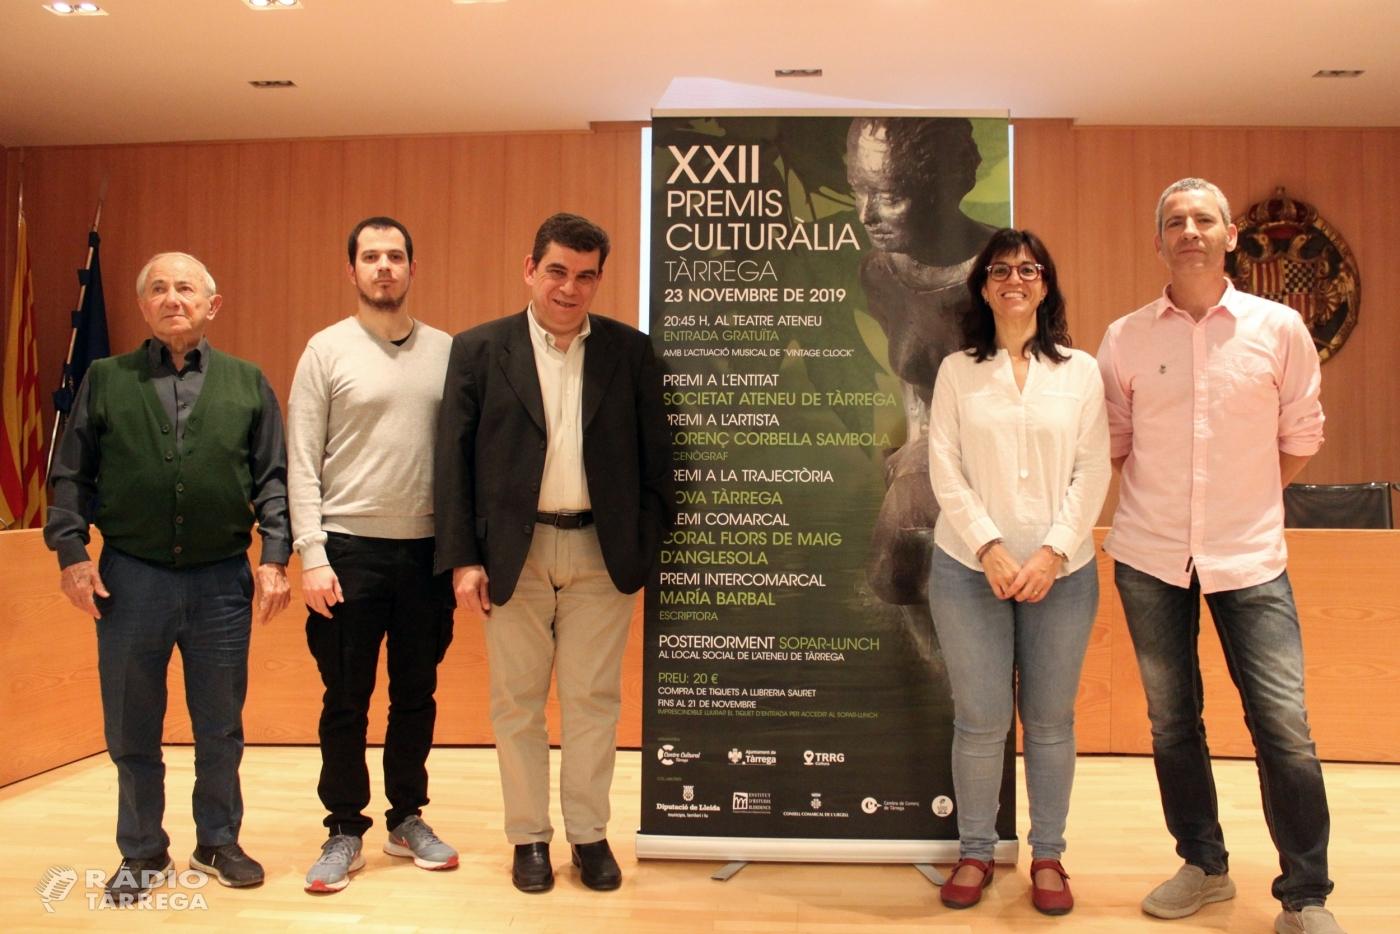 Tàrrega concedeix els Premis Culturàlia 2019 a l'escriptora Maria Barbal, l'escenògraf Llorenç Corbella, la Societat Ateneu, la revista Nova Tàrrega i la Coral Joia de Maig